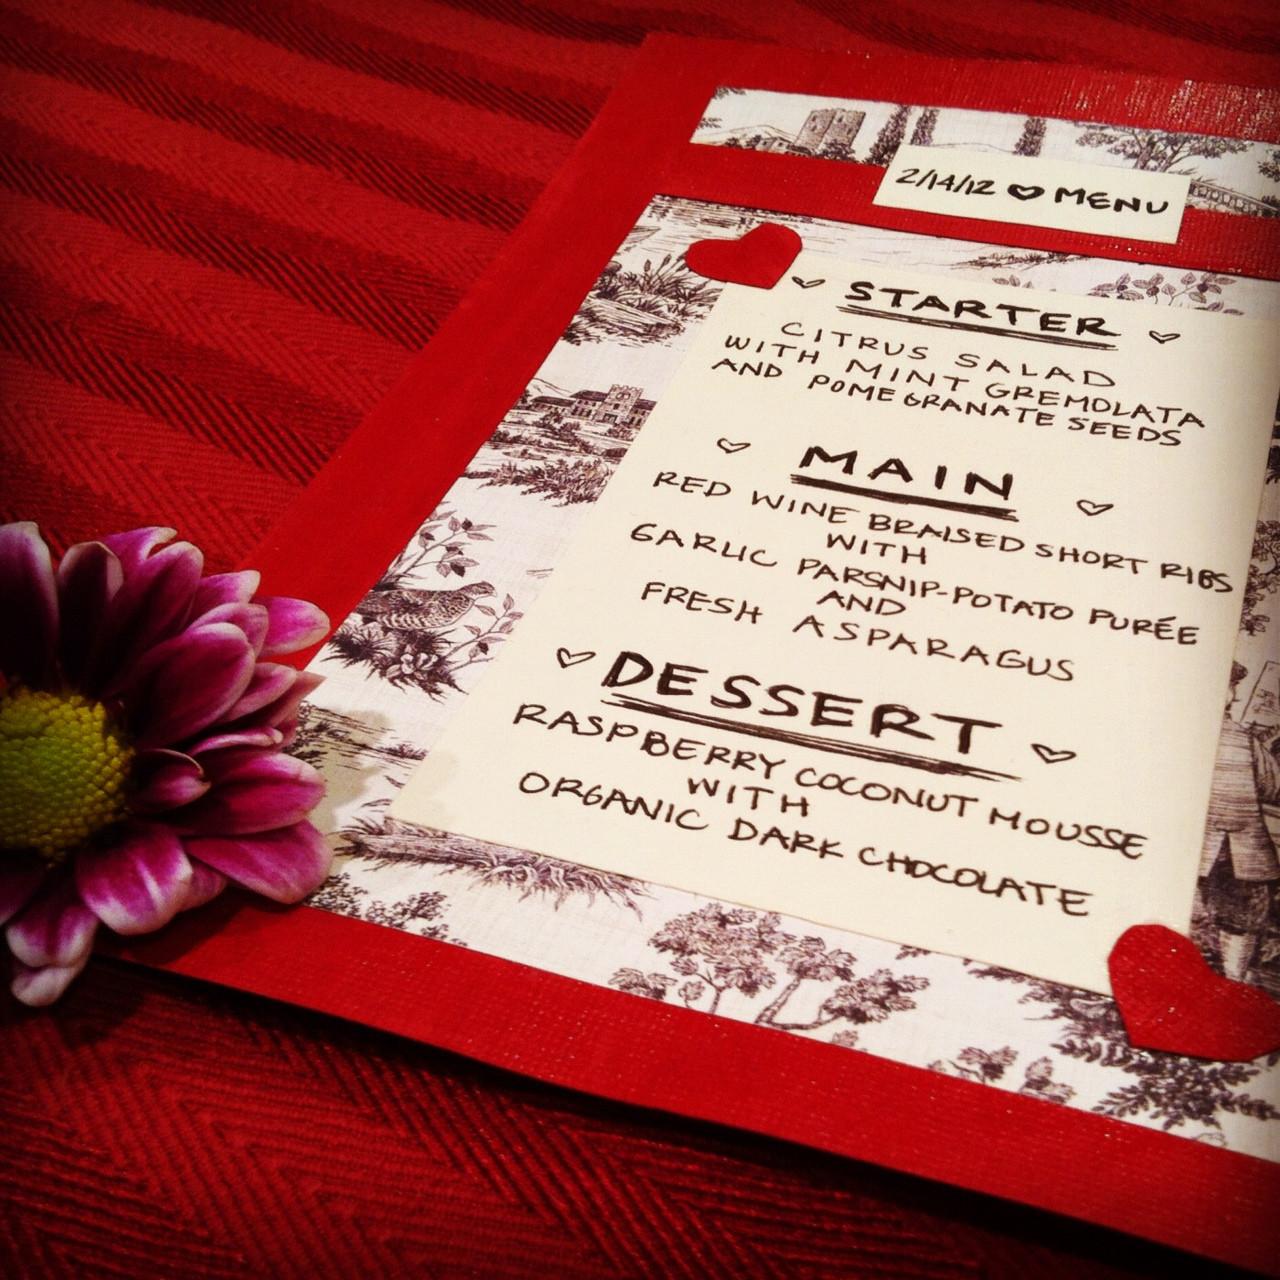 Boyfriend Valentine Gift Ideas  24 LOVELY VALENTINE S DAY GIFTS FOR YOUR BOYFRIEND